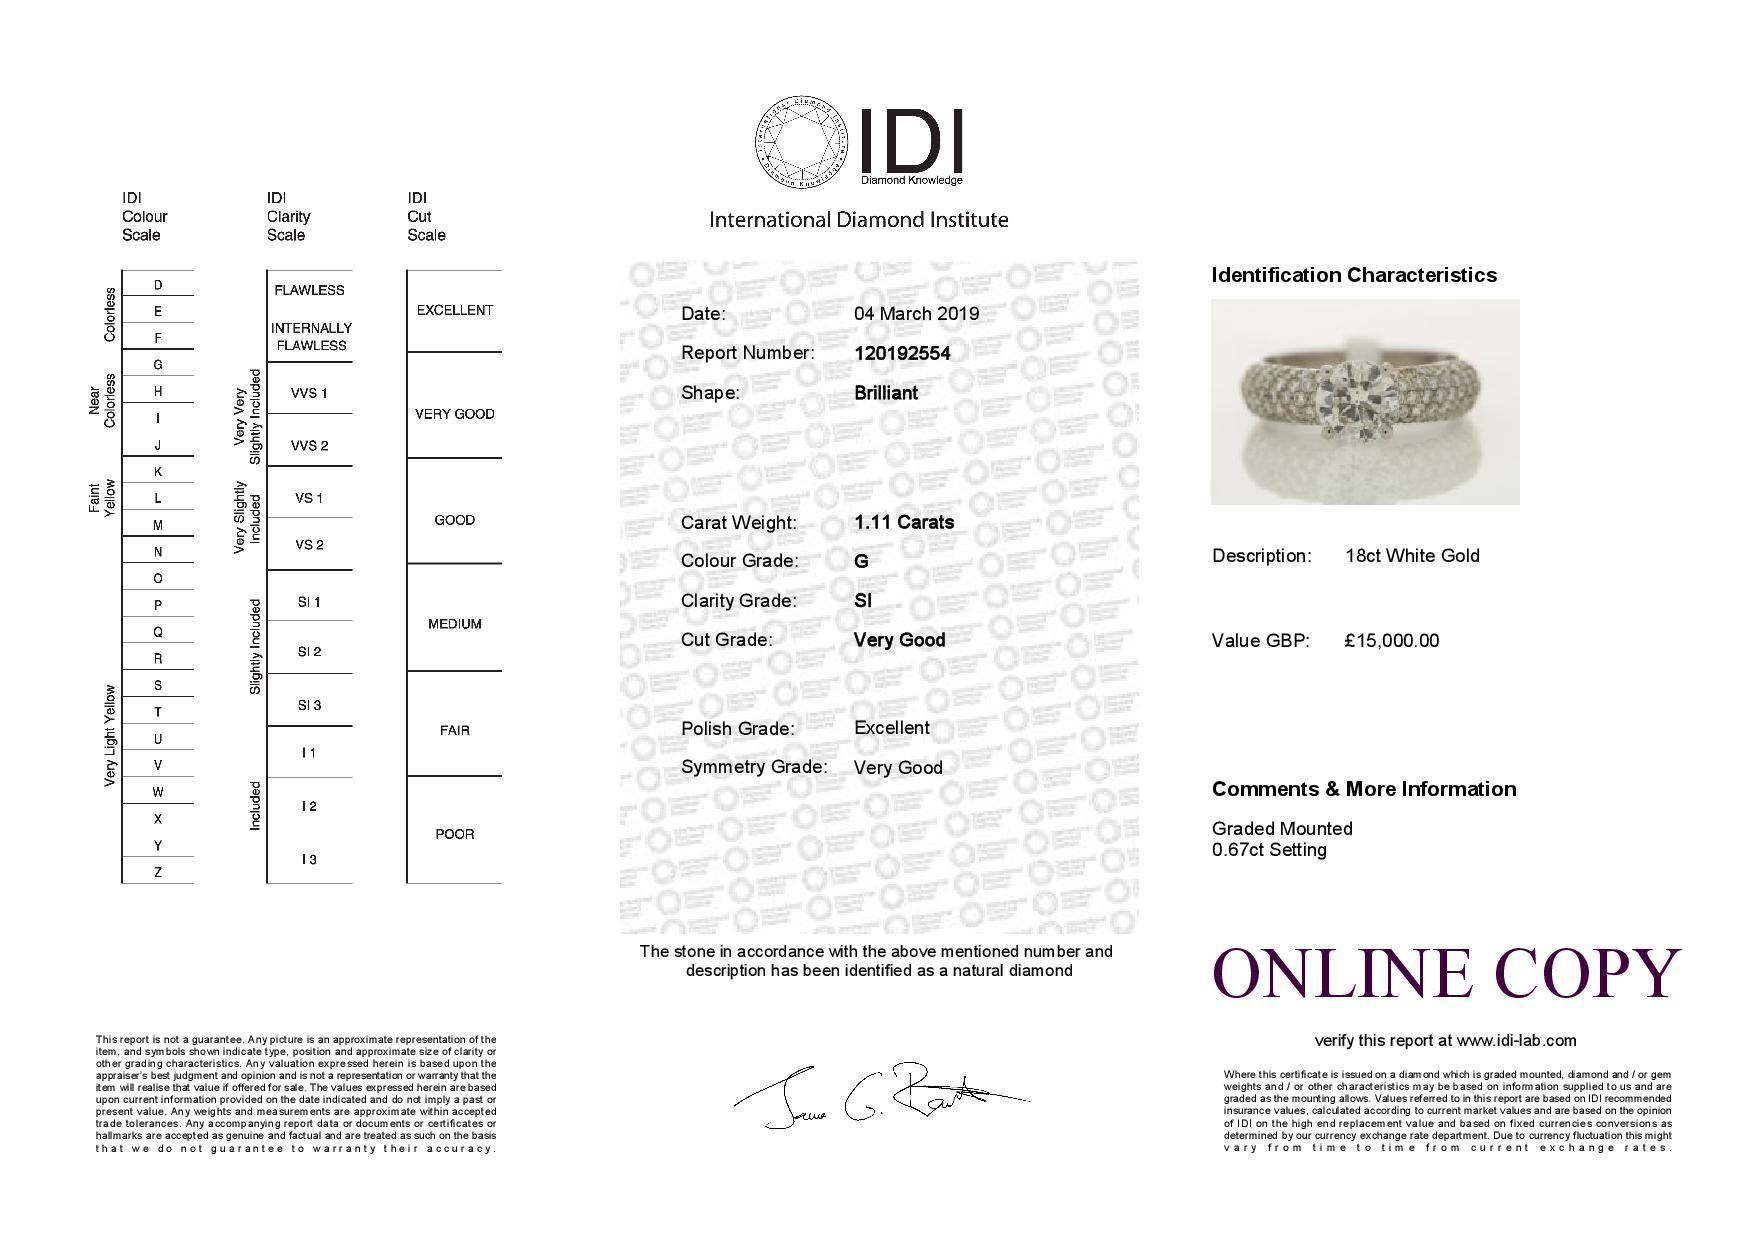 18k White Gold Single Stone Prong Set With Stone Set Shoulders Diamond Ring 1.78 - Image 3 of 3